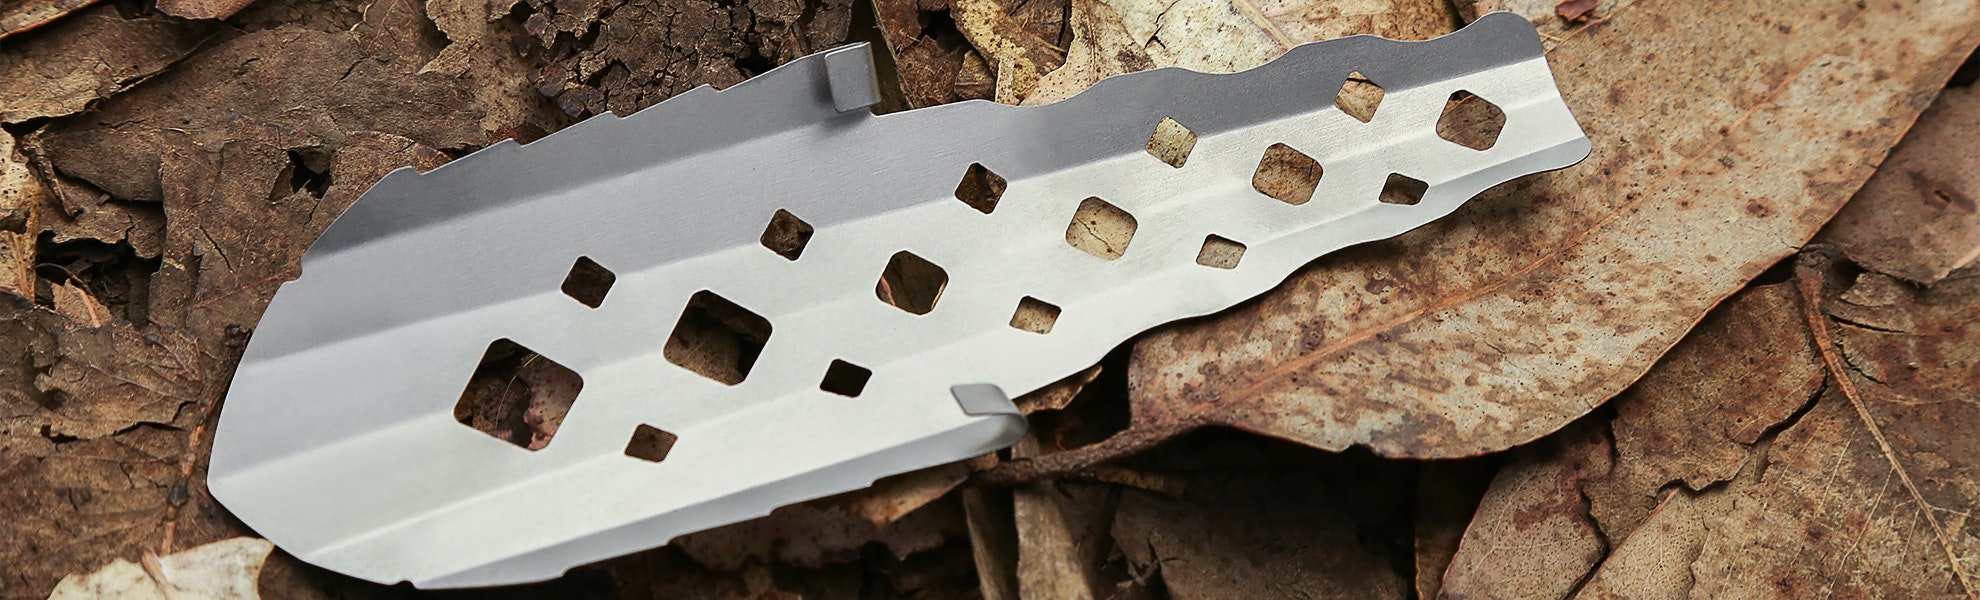 Suluk 46 Large Titanium Trowel Closeout